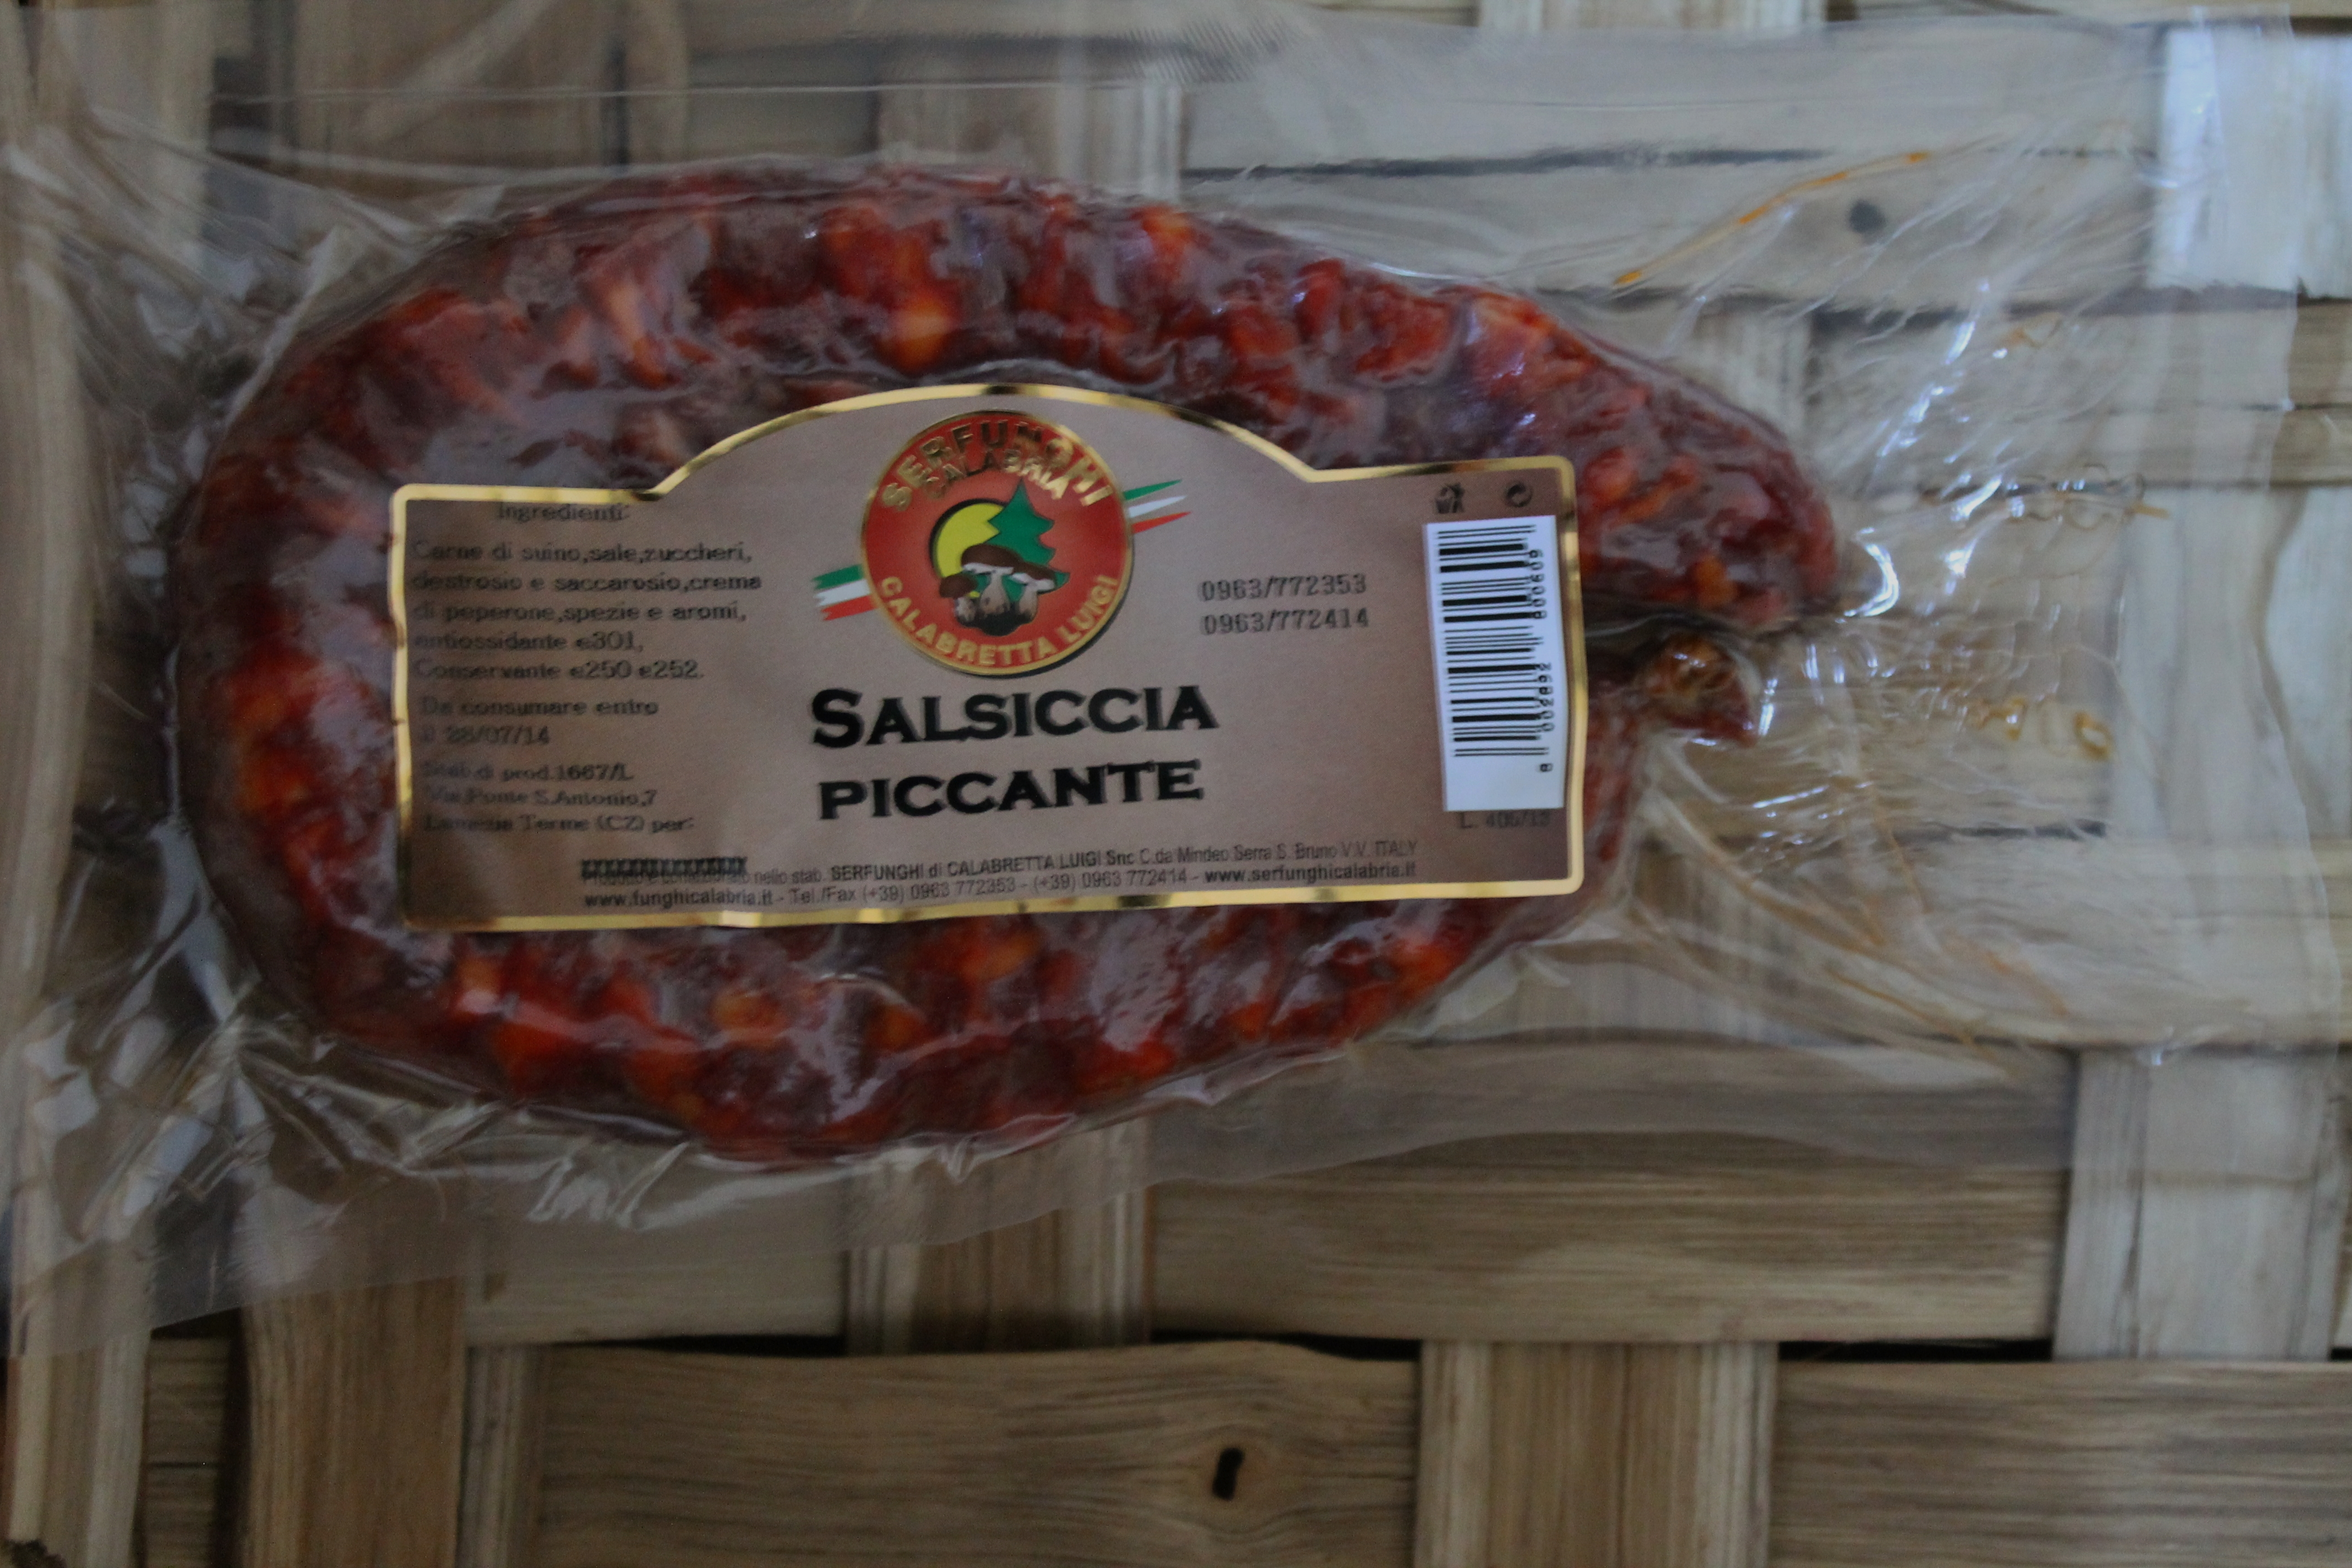 SALSICCIA PICCANTE E O DOLCE peso circa 330 gr